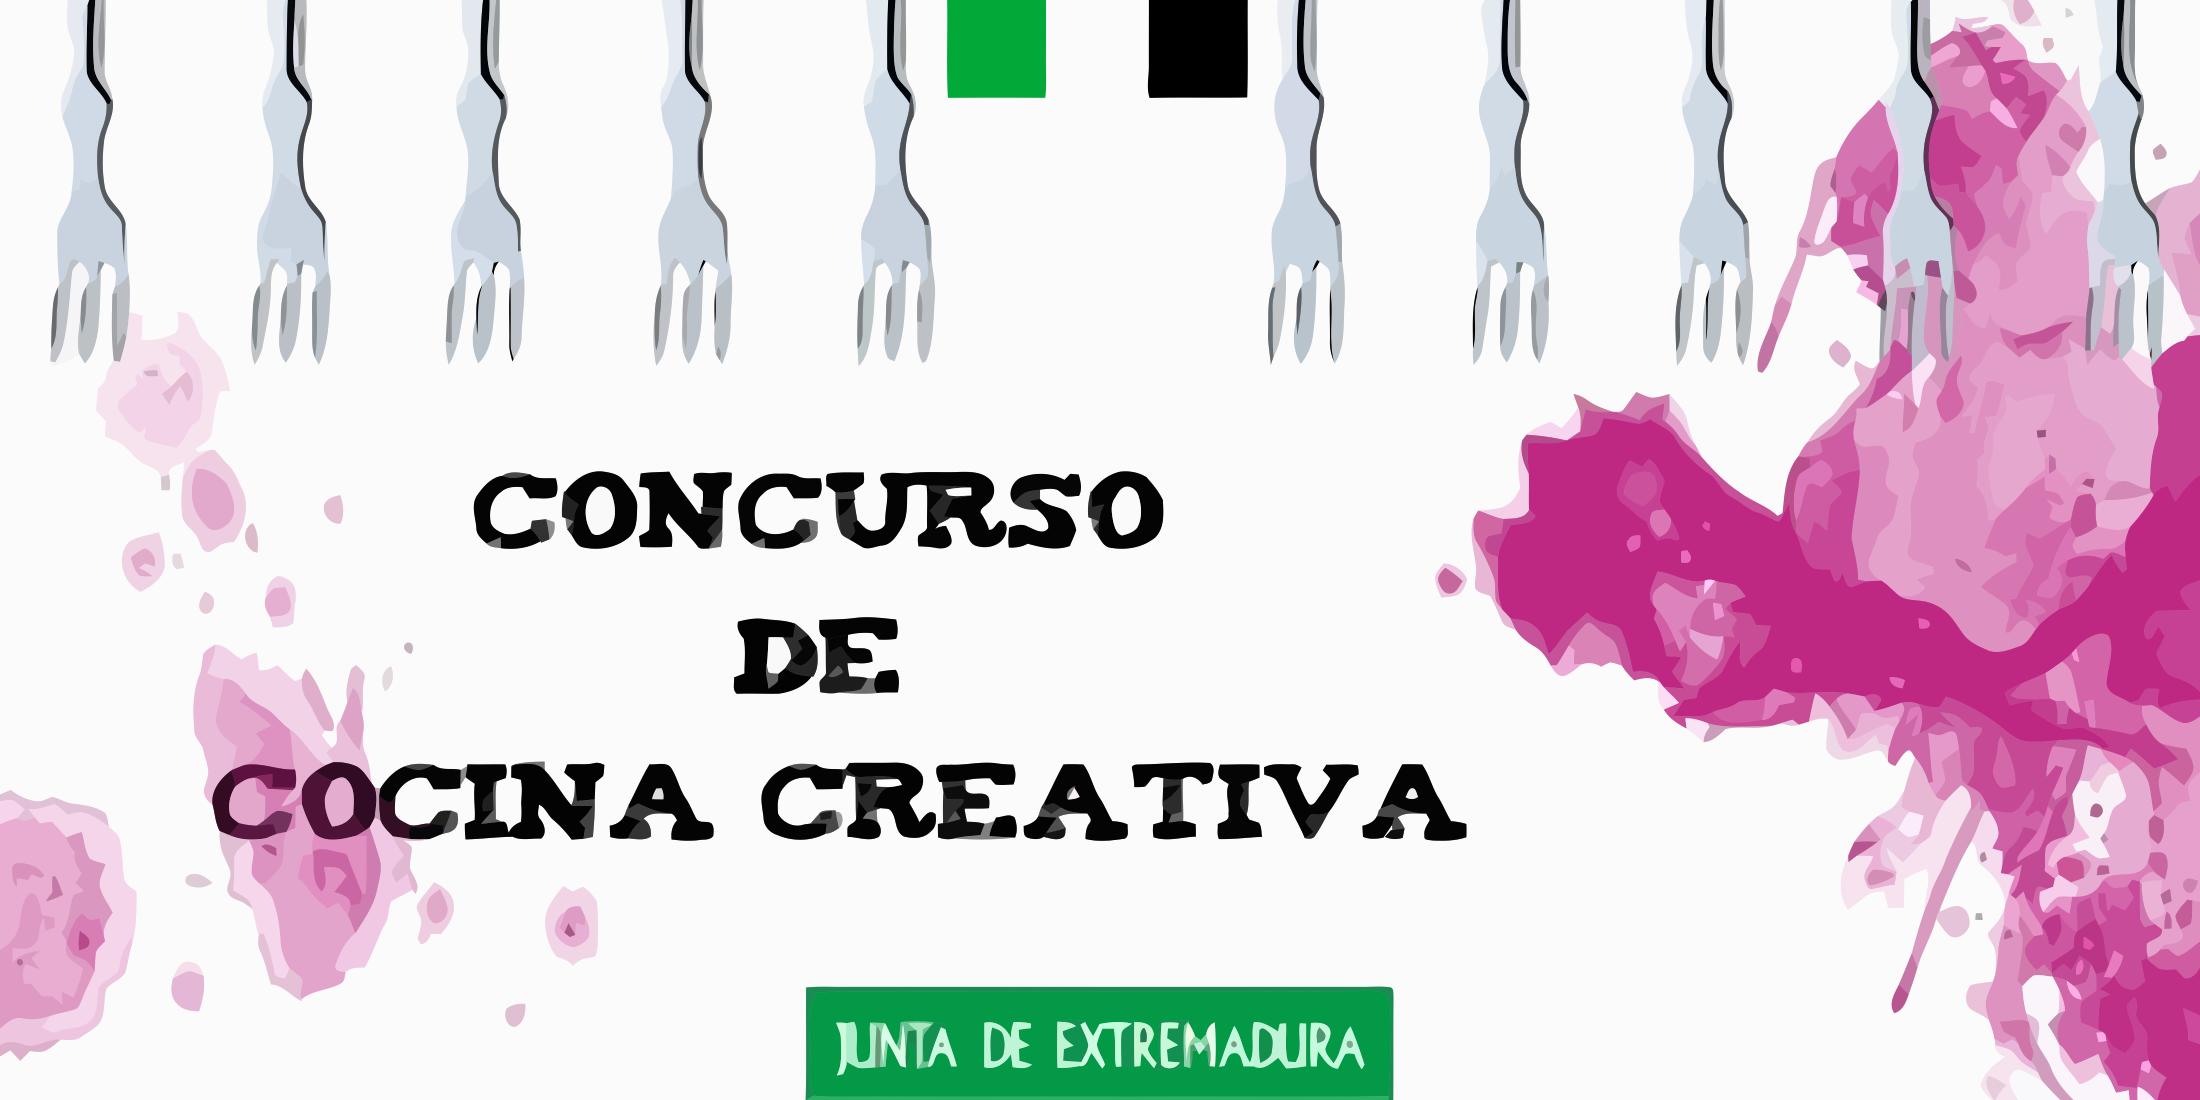 Concursos Cocina | Concurso De Cocina Creativa En La Cocina Extremena